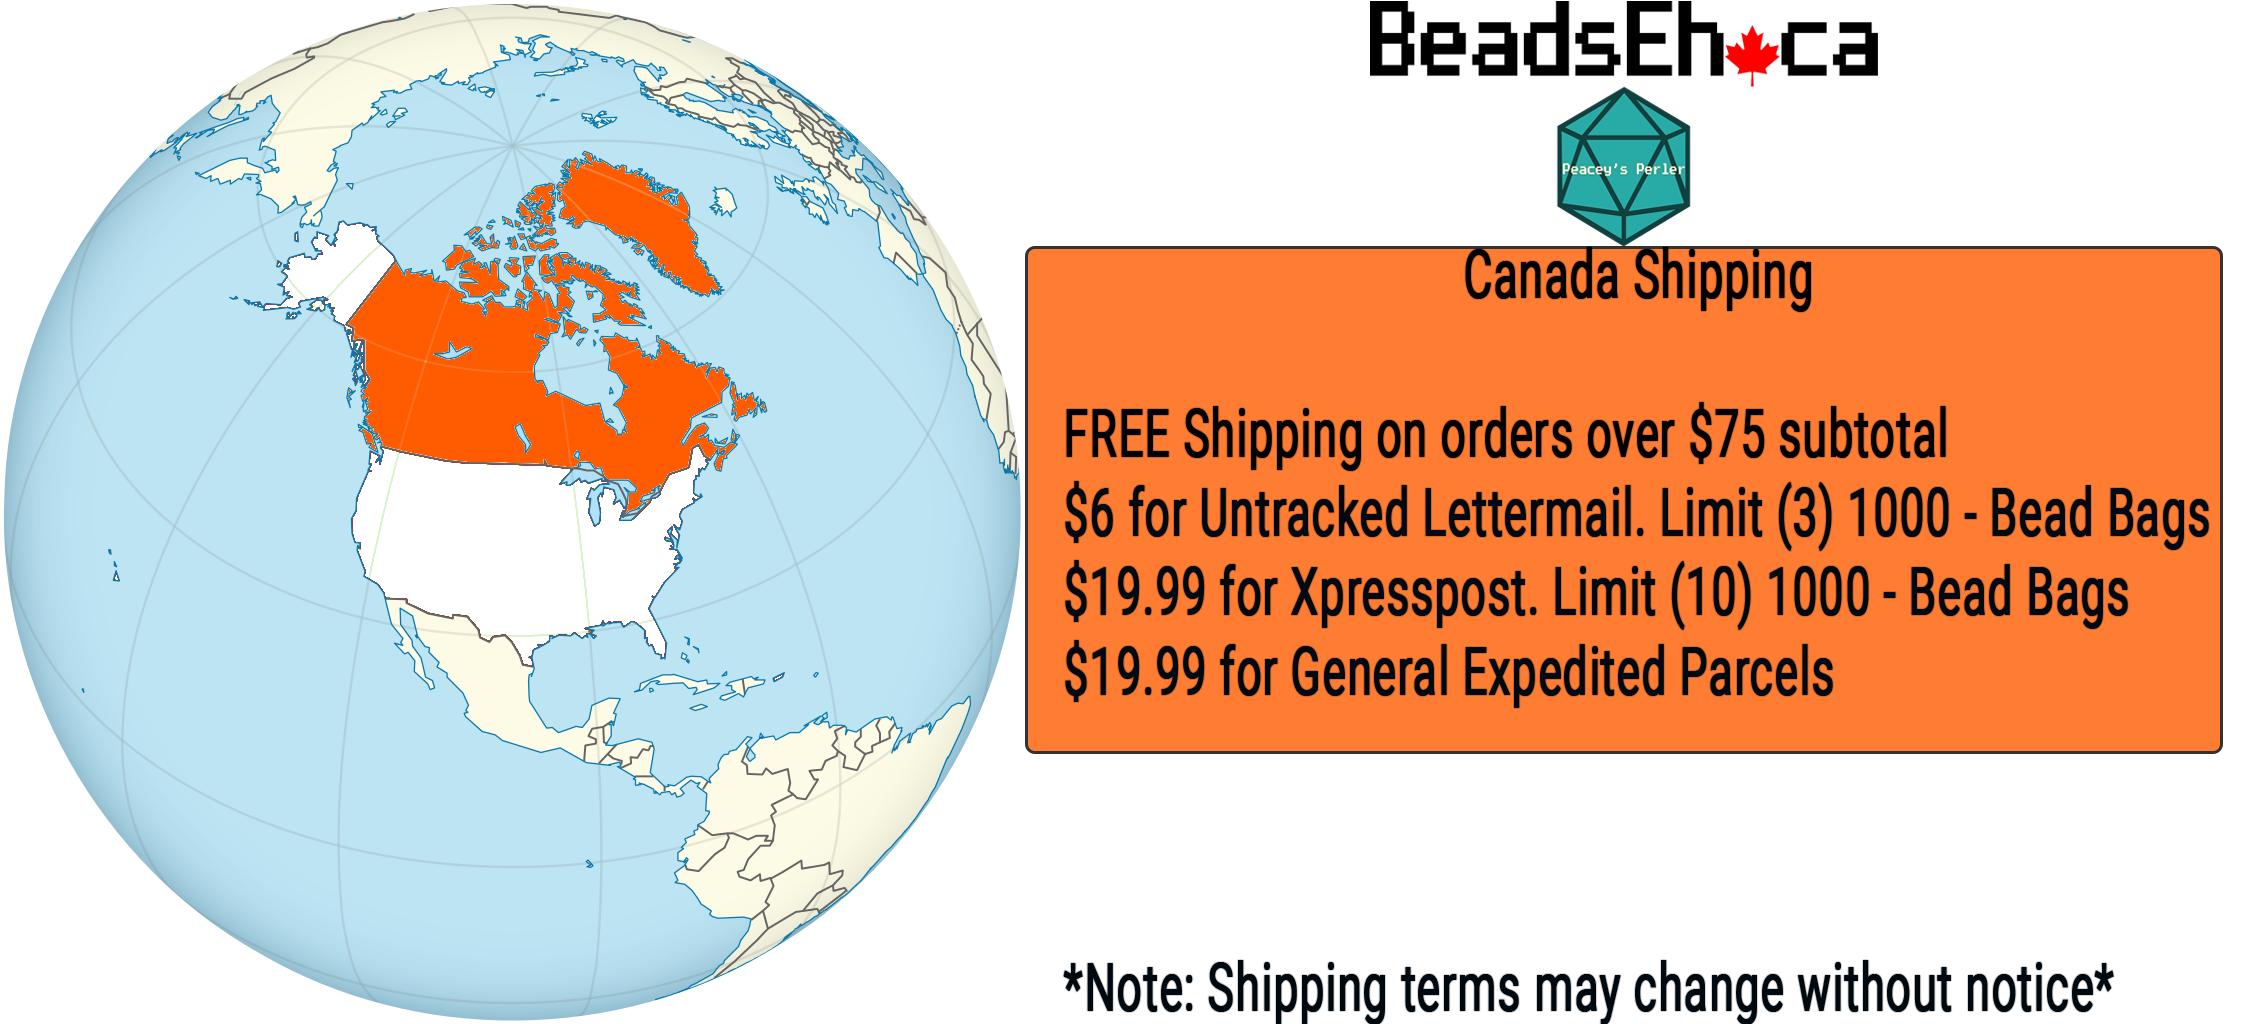 shippingcan.png